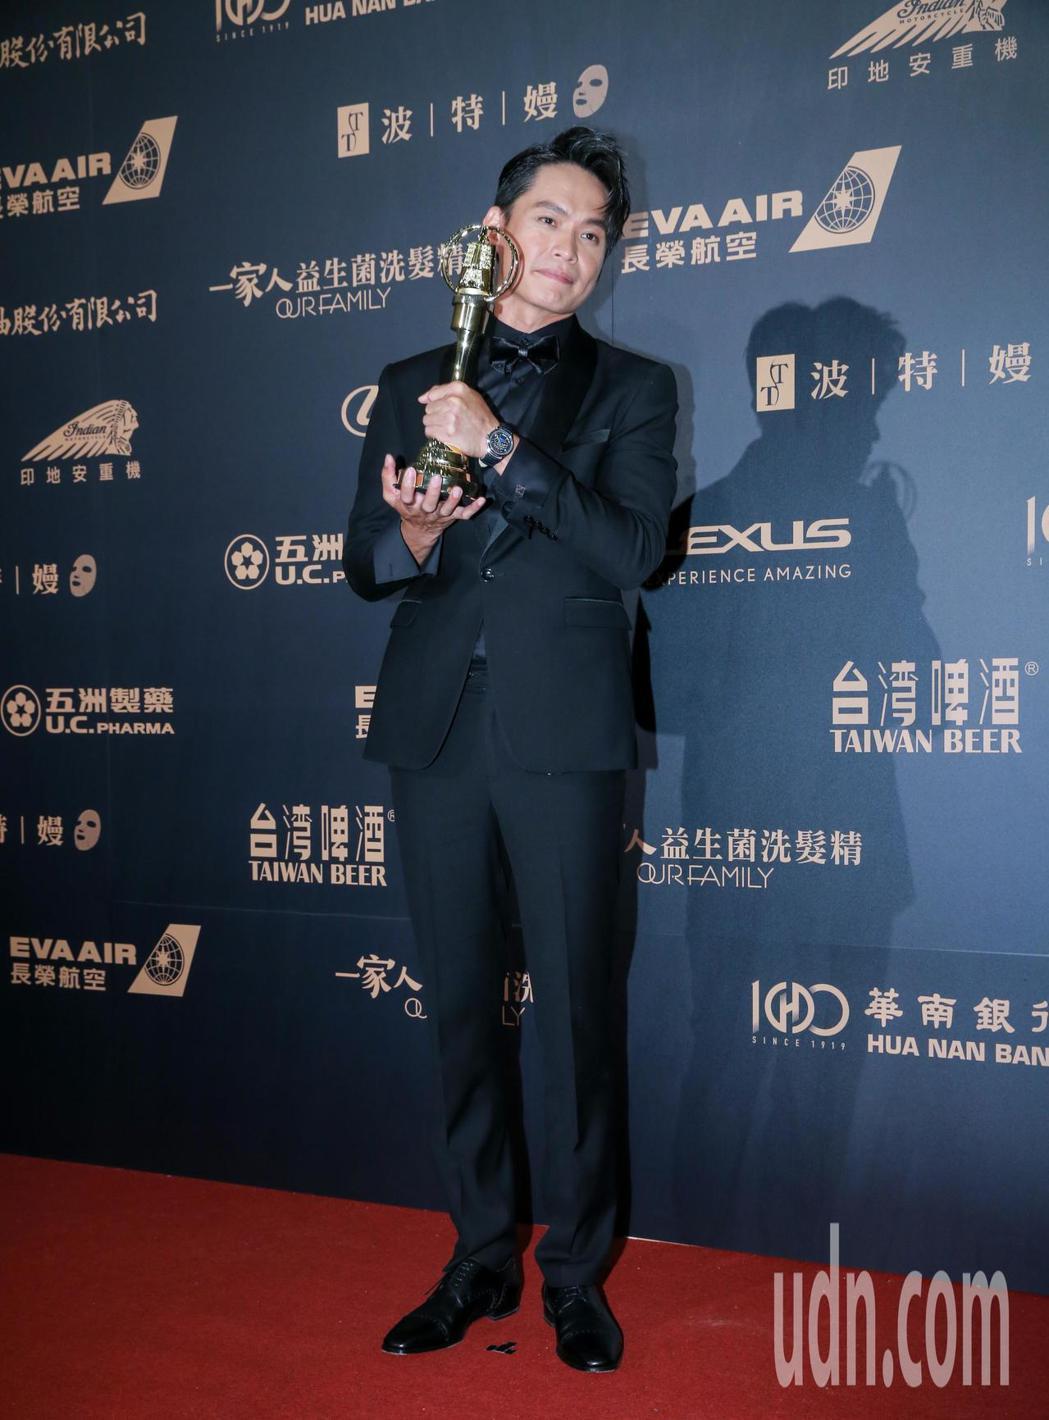 第54屆電視金鐘獎迷你劇集電視電影男配角獎由黃鐙輝以奇蹟的女兒獲得。記者許正宏/